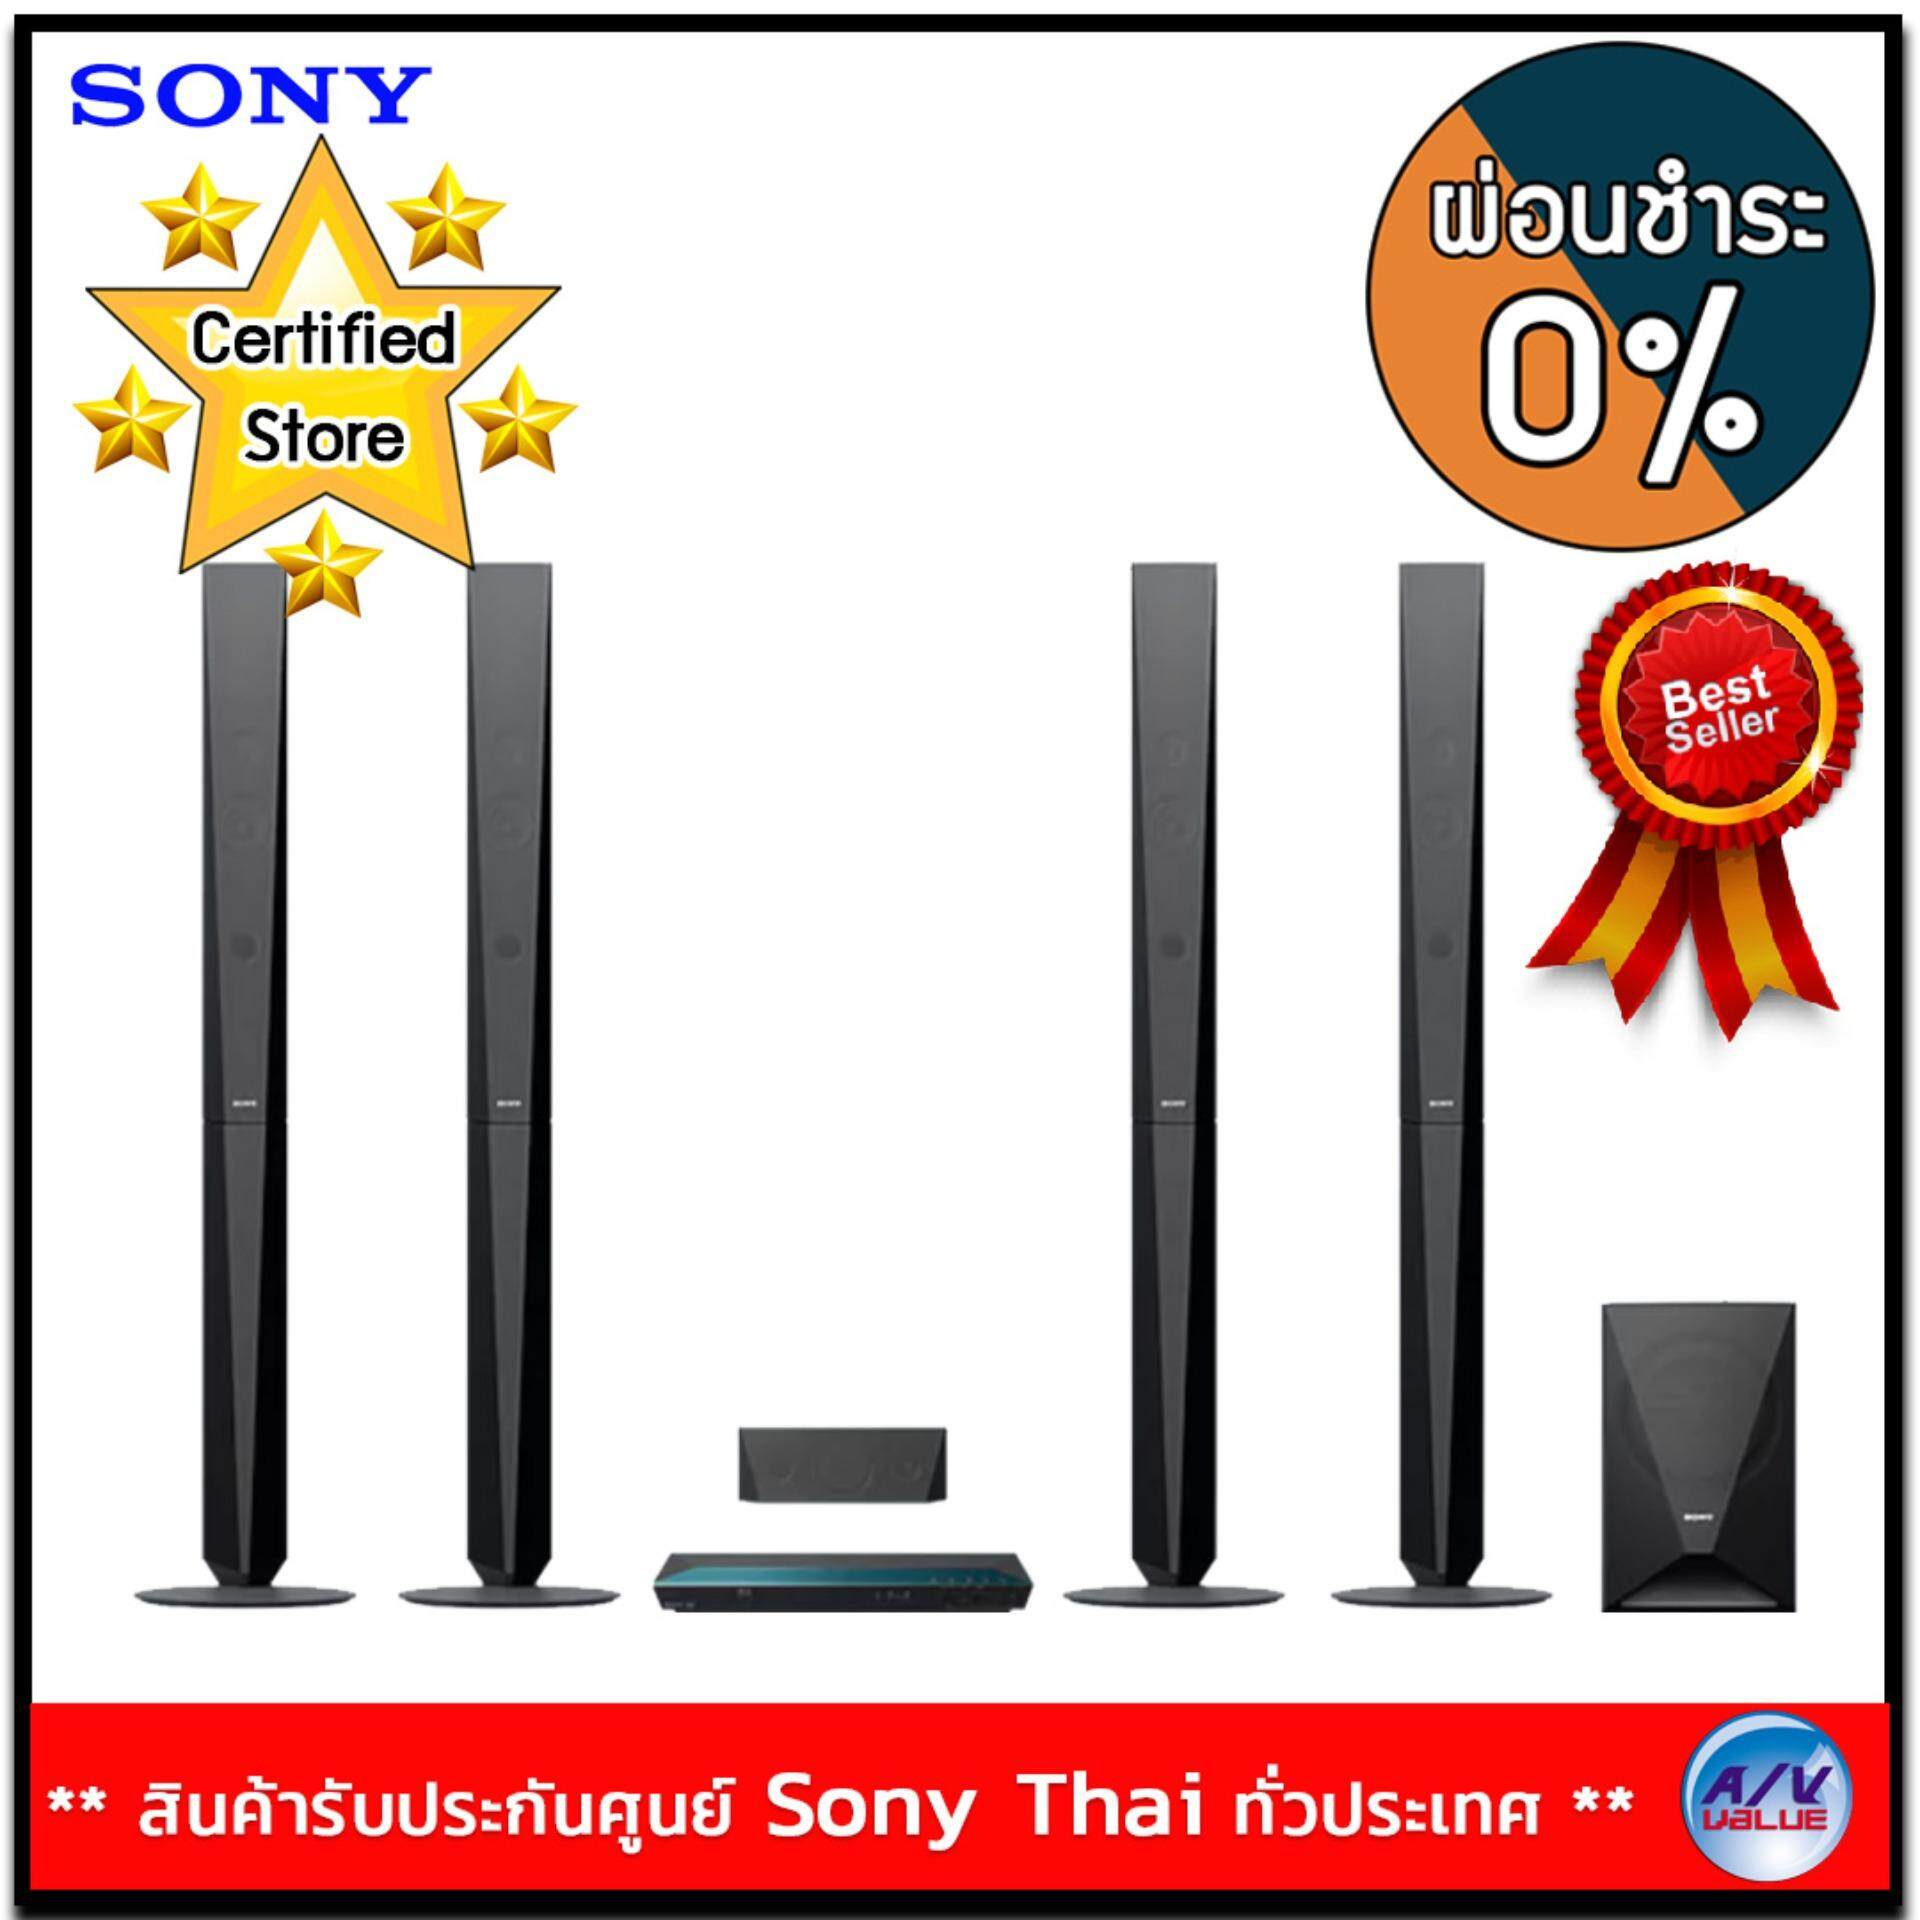 ยี่ห้อนี้ดีไหม  ปัตตานี Sony BDV-E6100 -Home cinema system **ผ่อนชำระ 0%